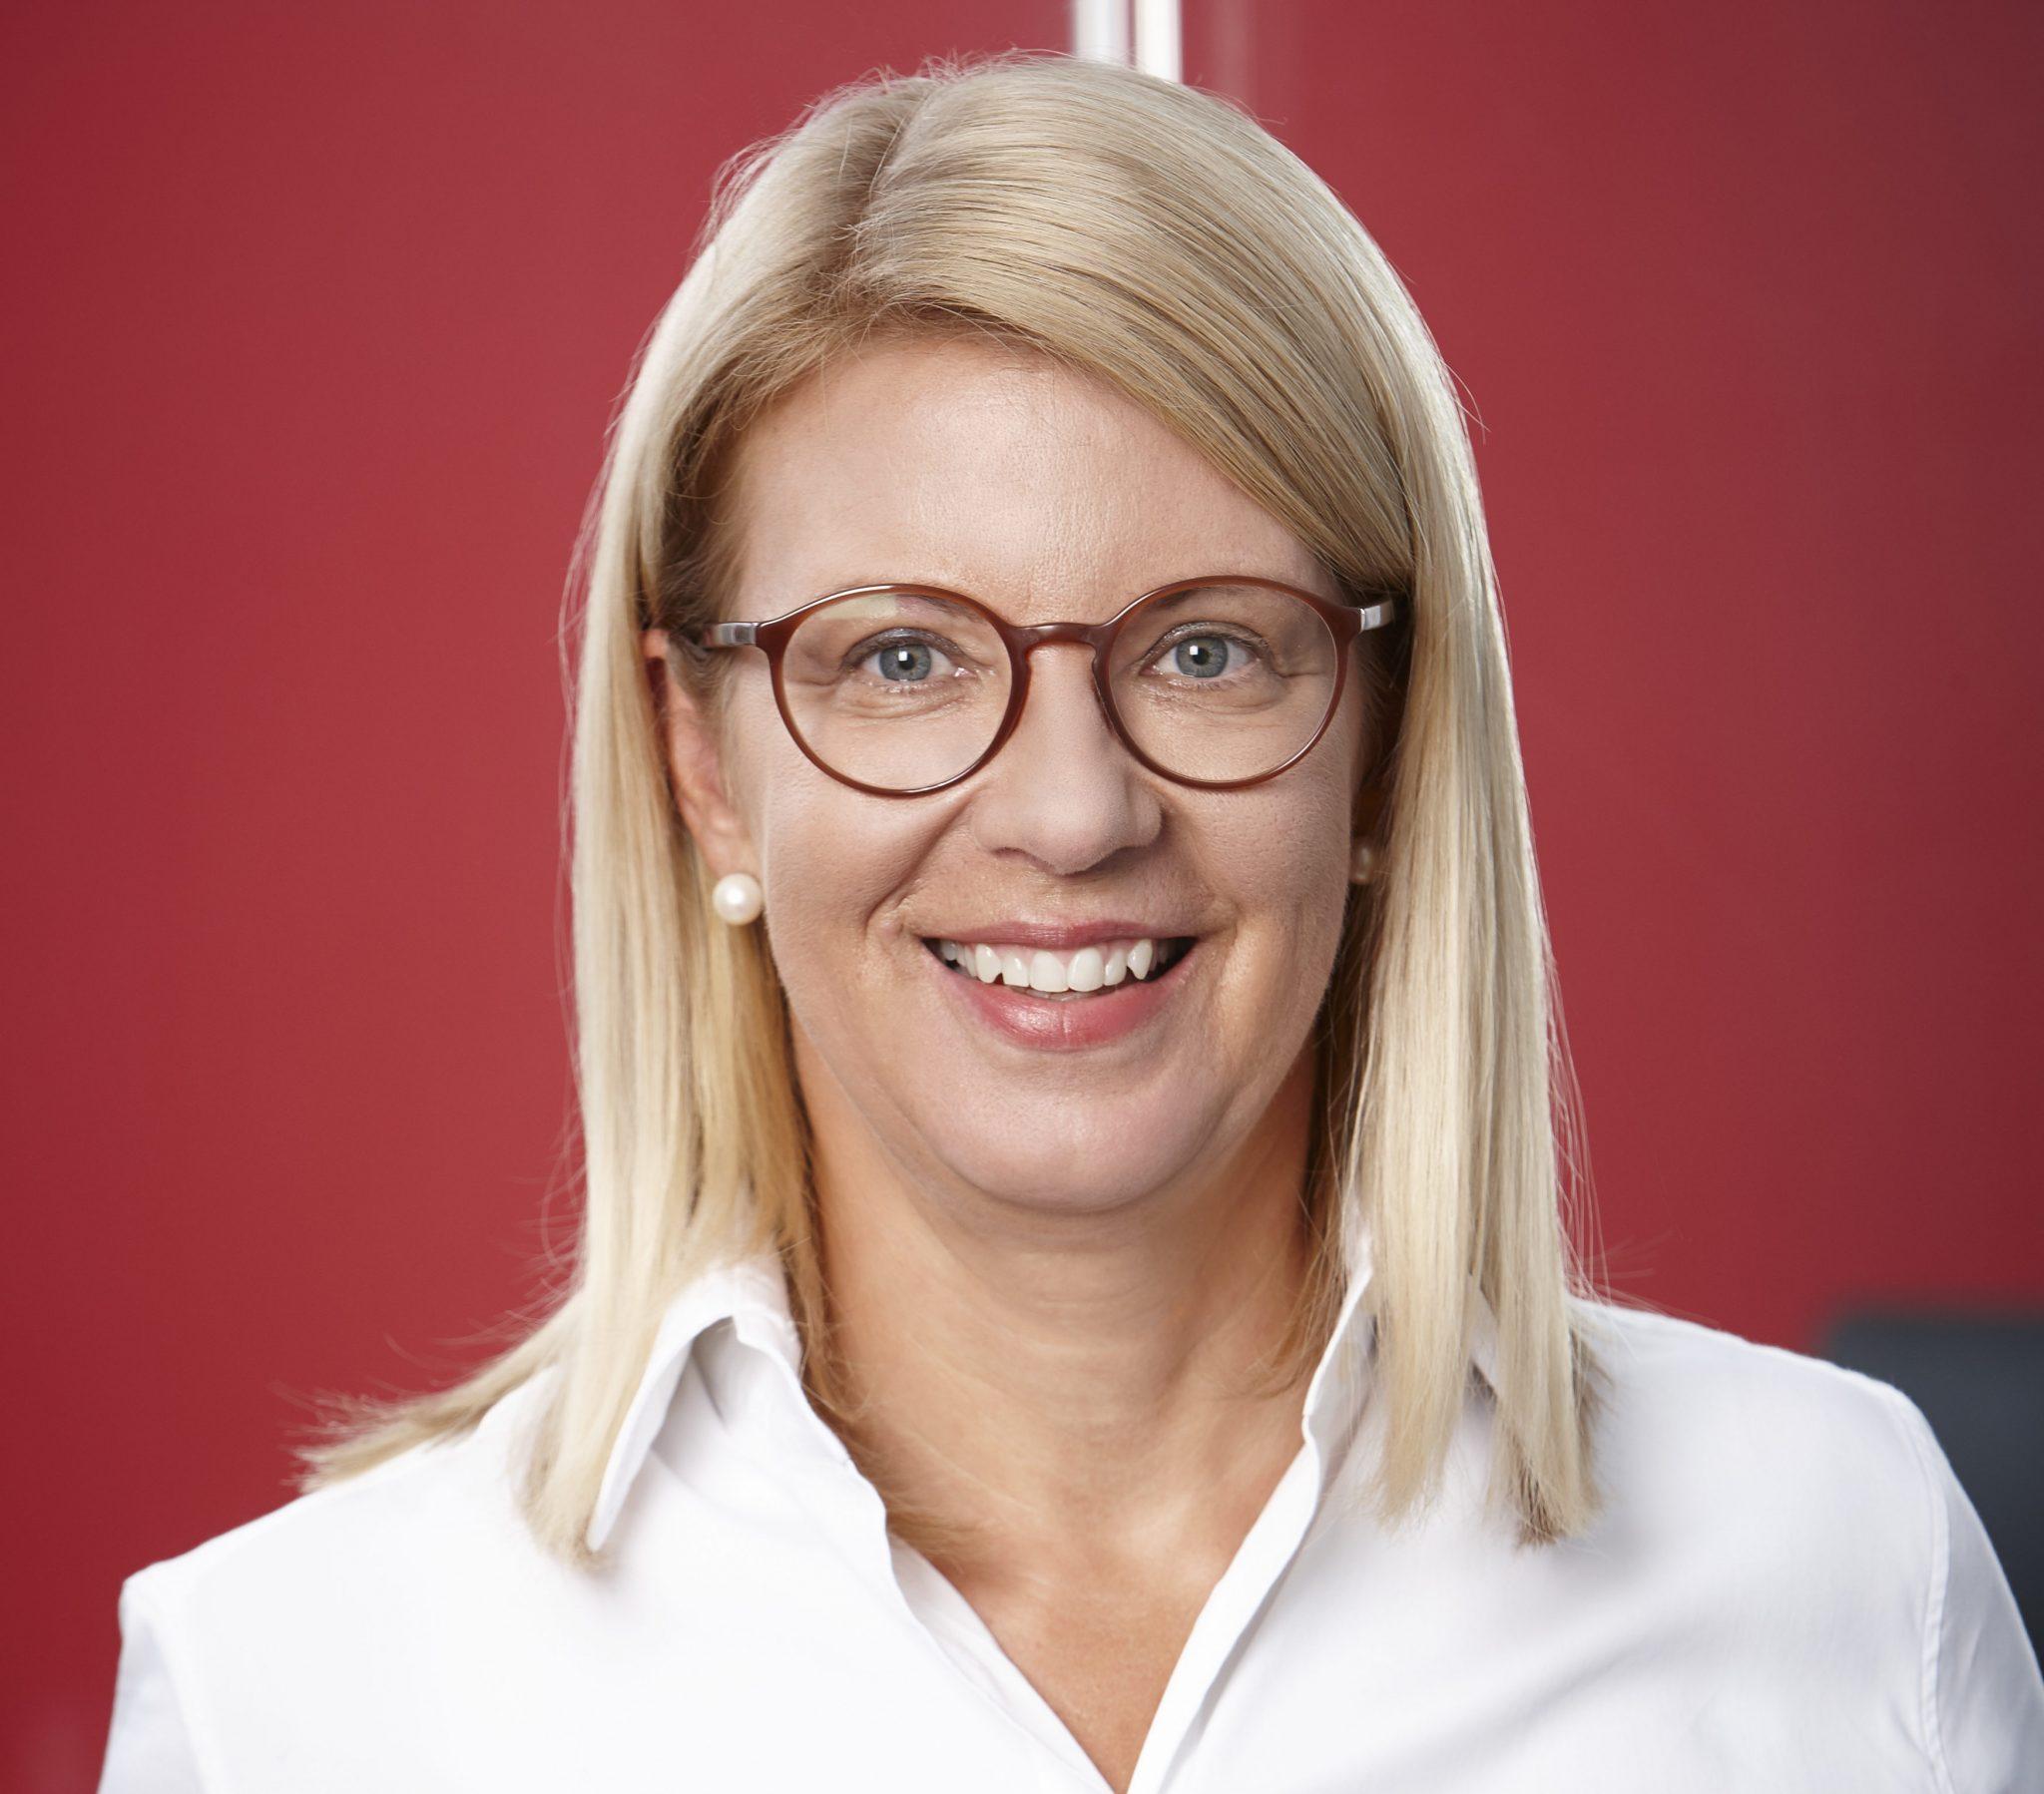 Claudia Sturm